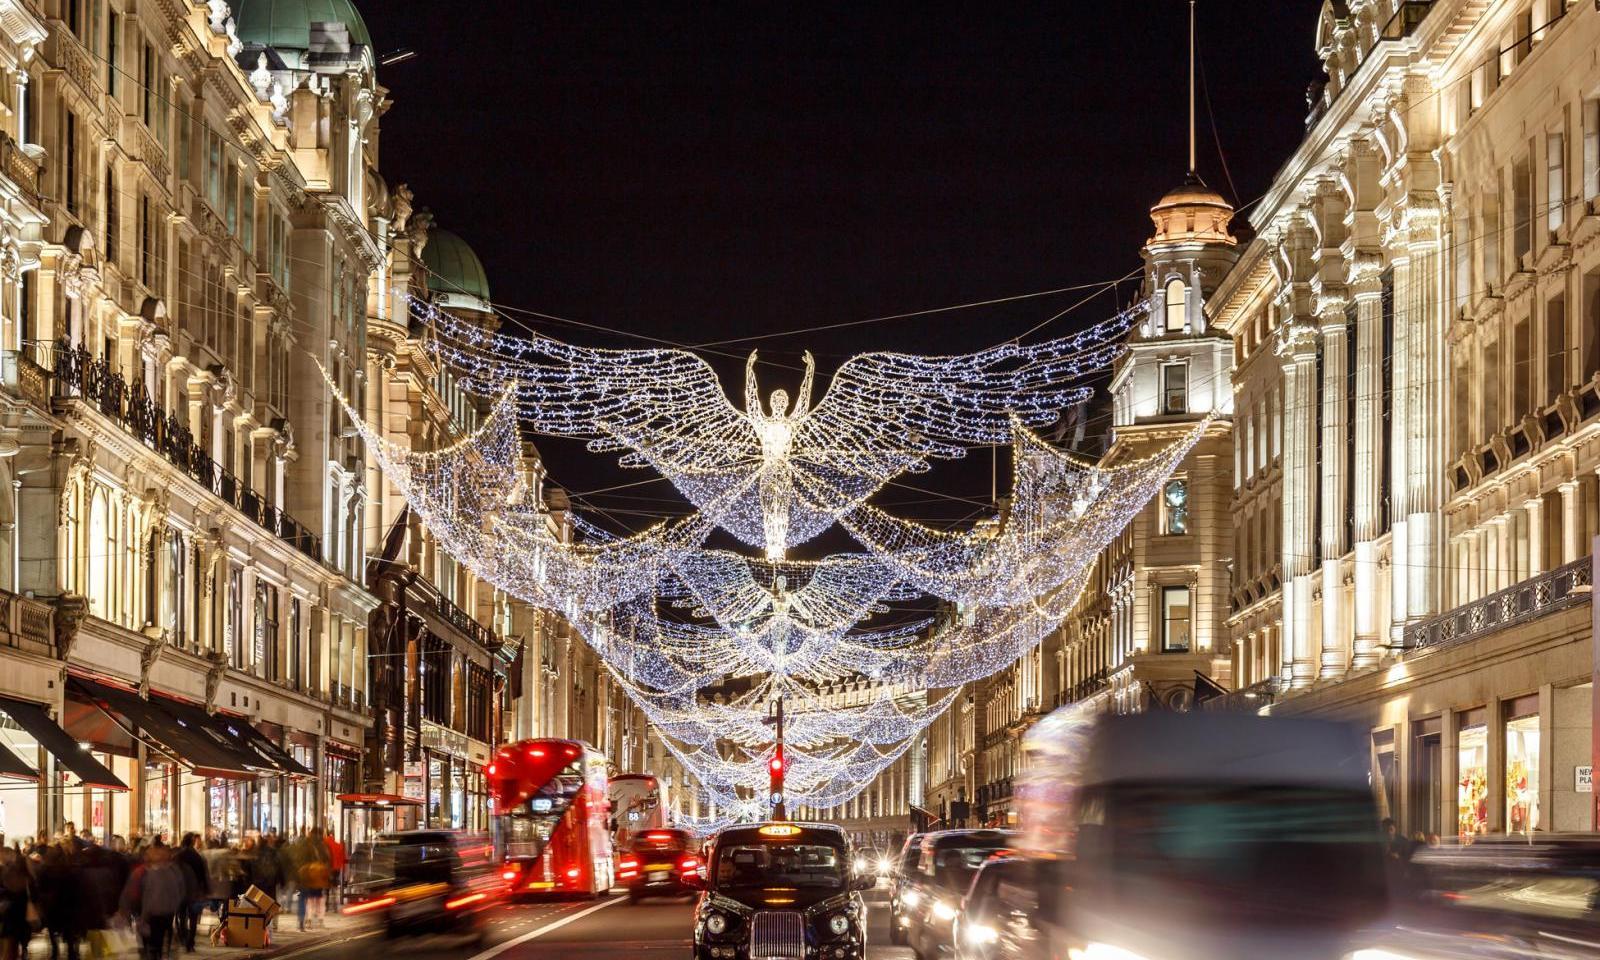 Wann Macht Man Die Weihnachtsbeleuchtung An.Was Kann Man Vor Und An Weihnachten In London Machen